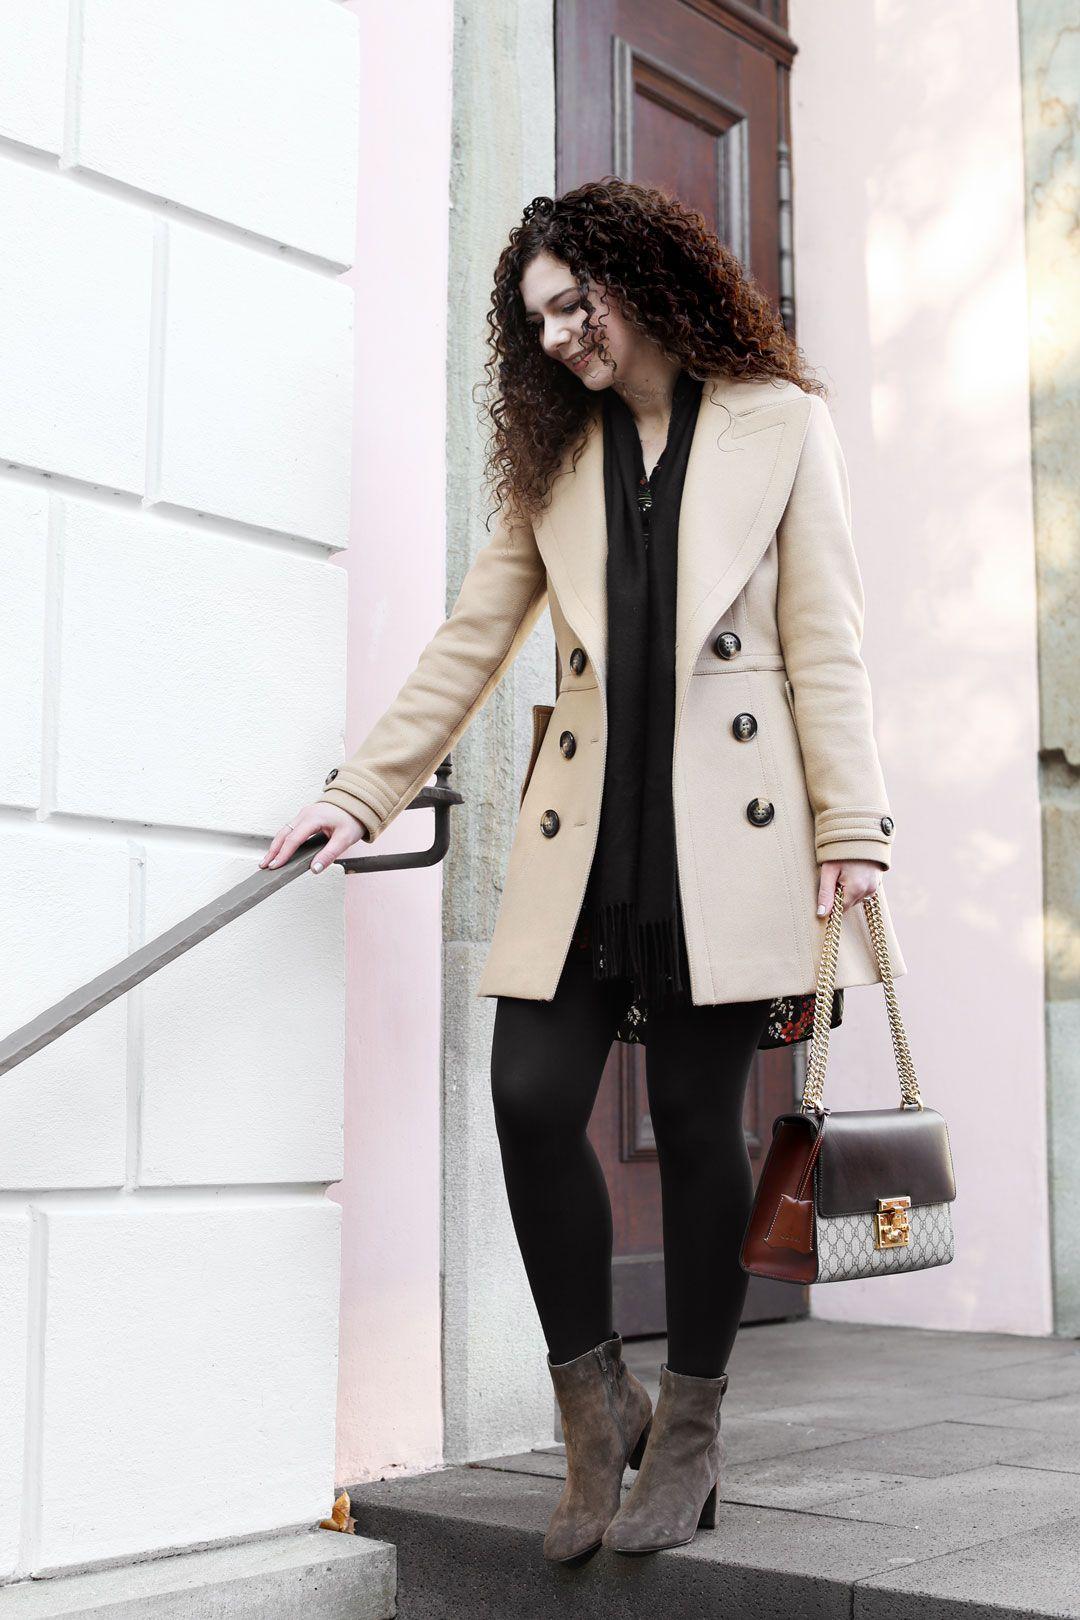 Wunderschön Stiefeletten Zum Kleid Foto Von Herbstoutfit Mit Kleid, Thermostrumpfhose Und Stiefelette Fashiondesign